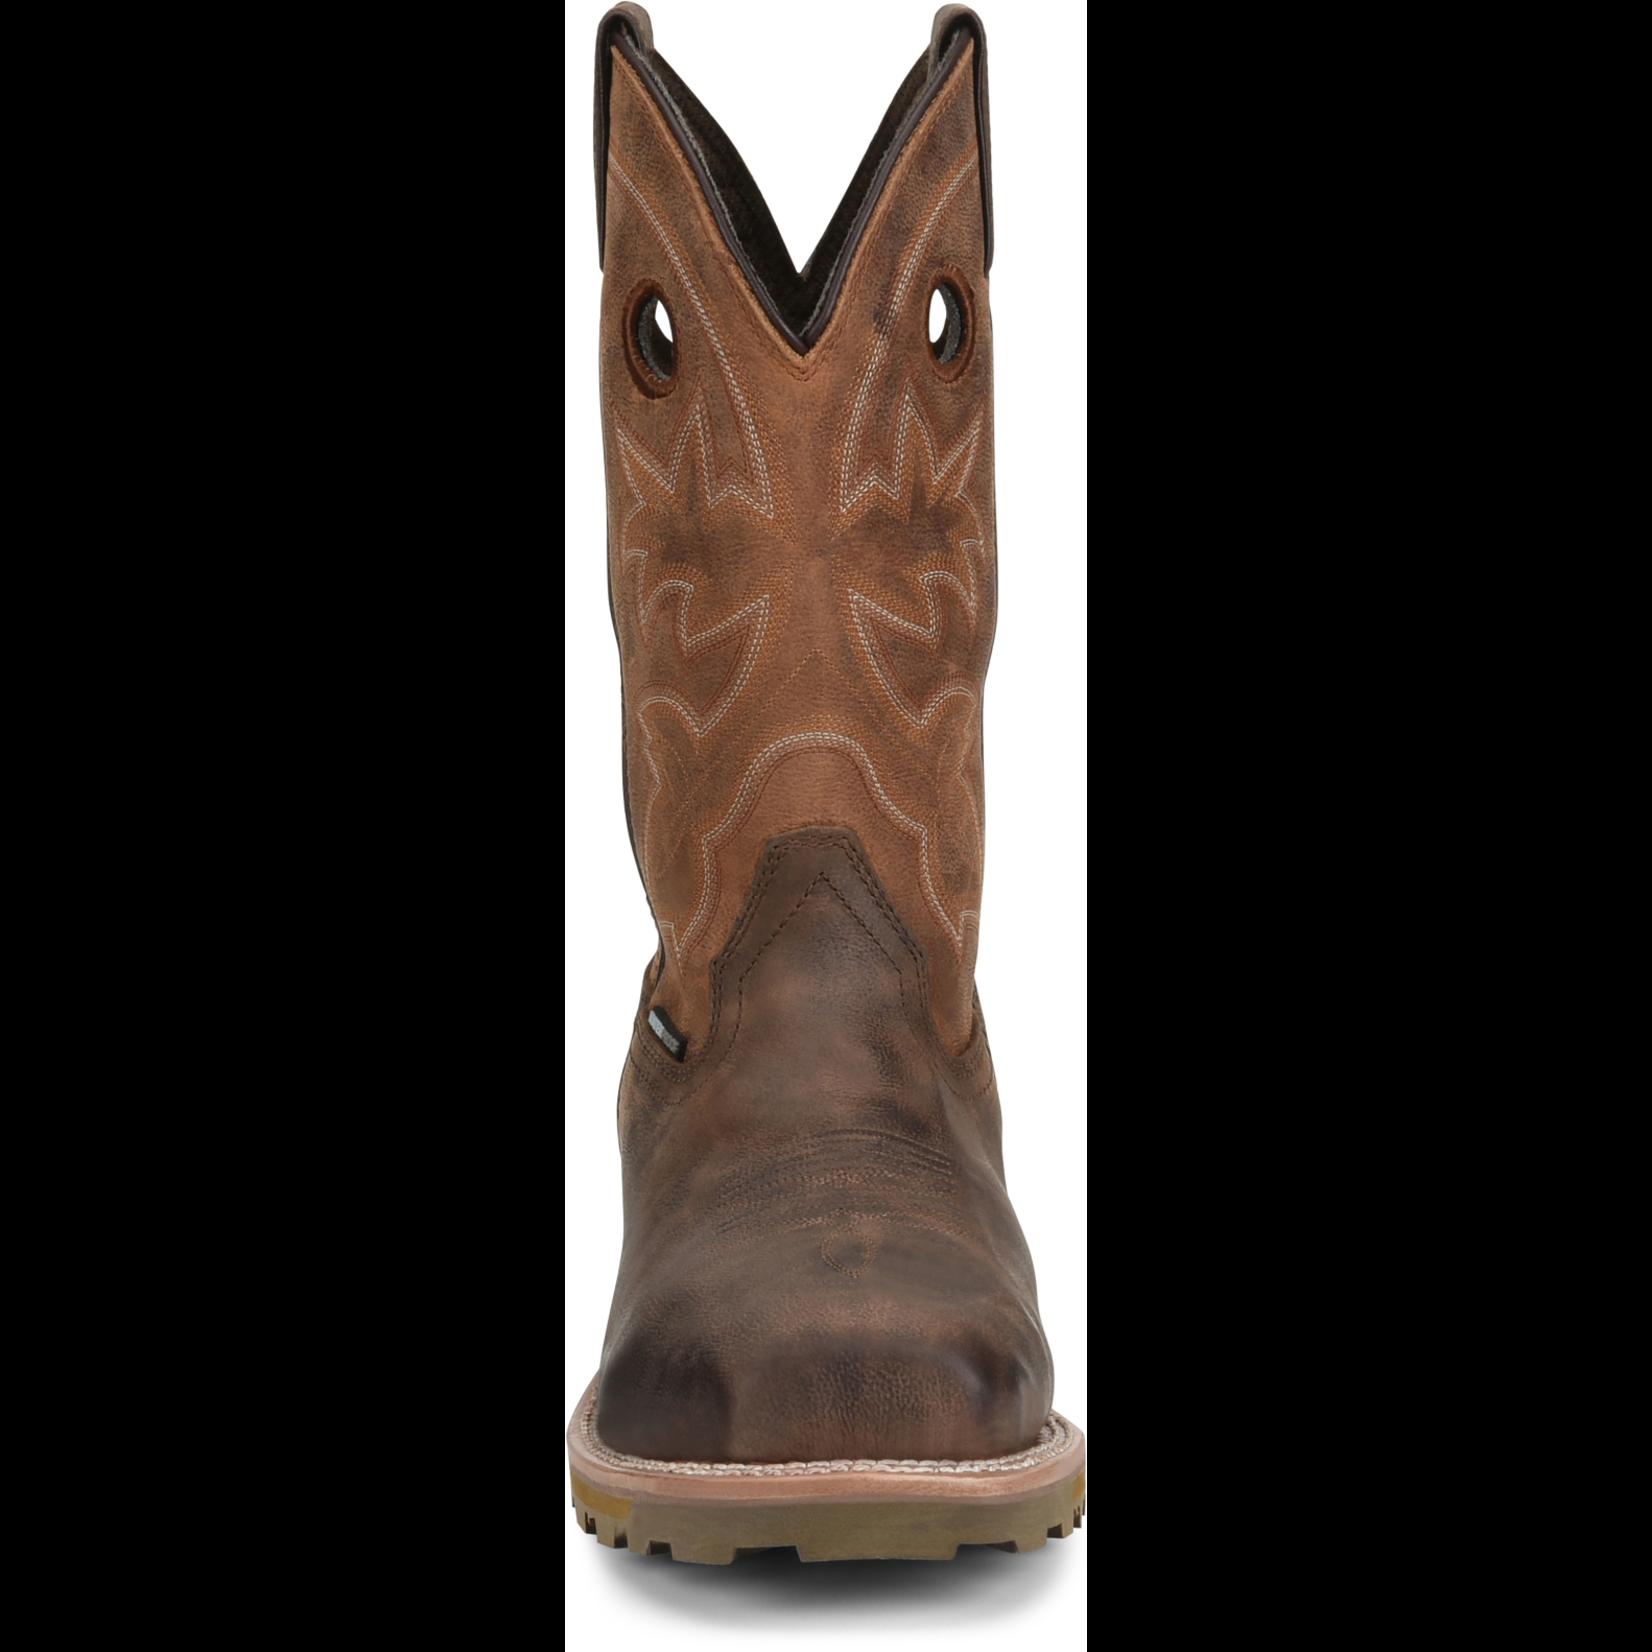 Double H Men's Double H Composite Toe Abner DH5353